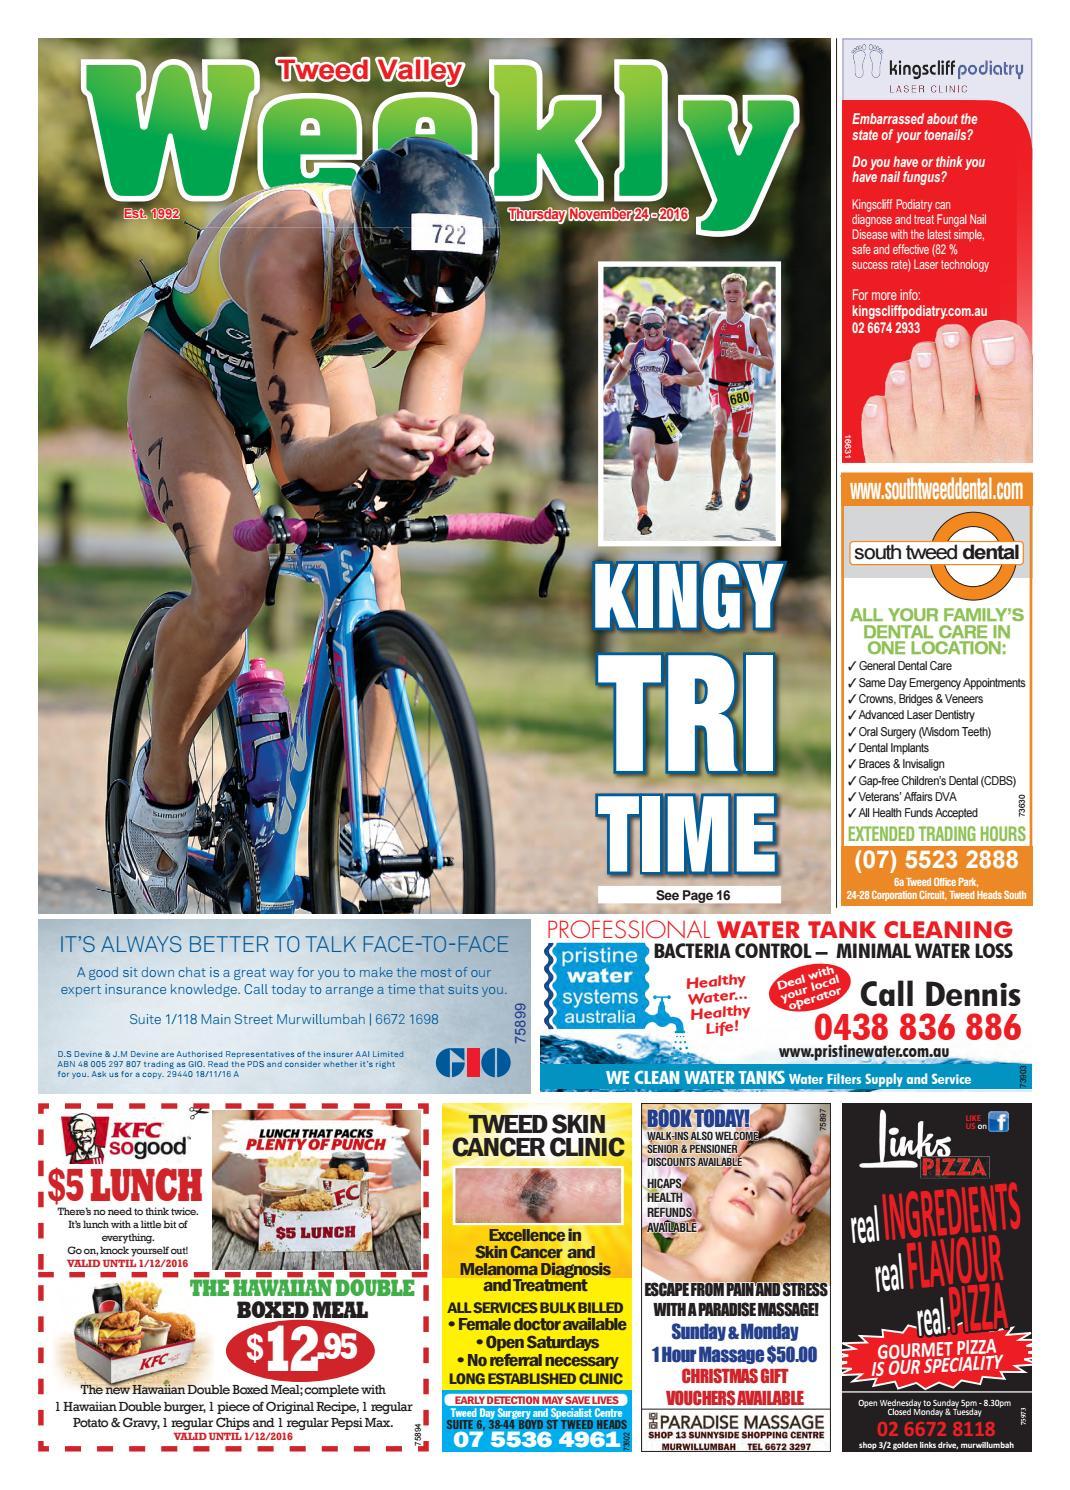 Tweed Valley Weekly November 24 by Tweed Valley Weekly - issuu 2380e3a65